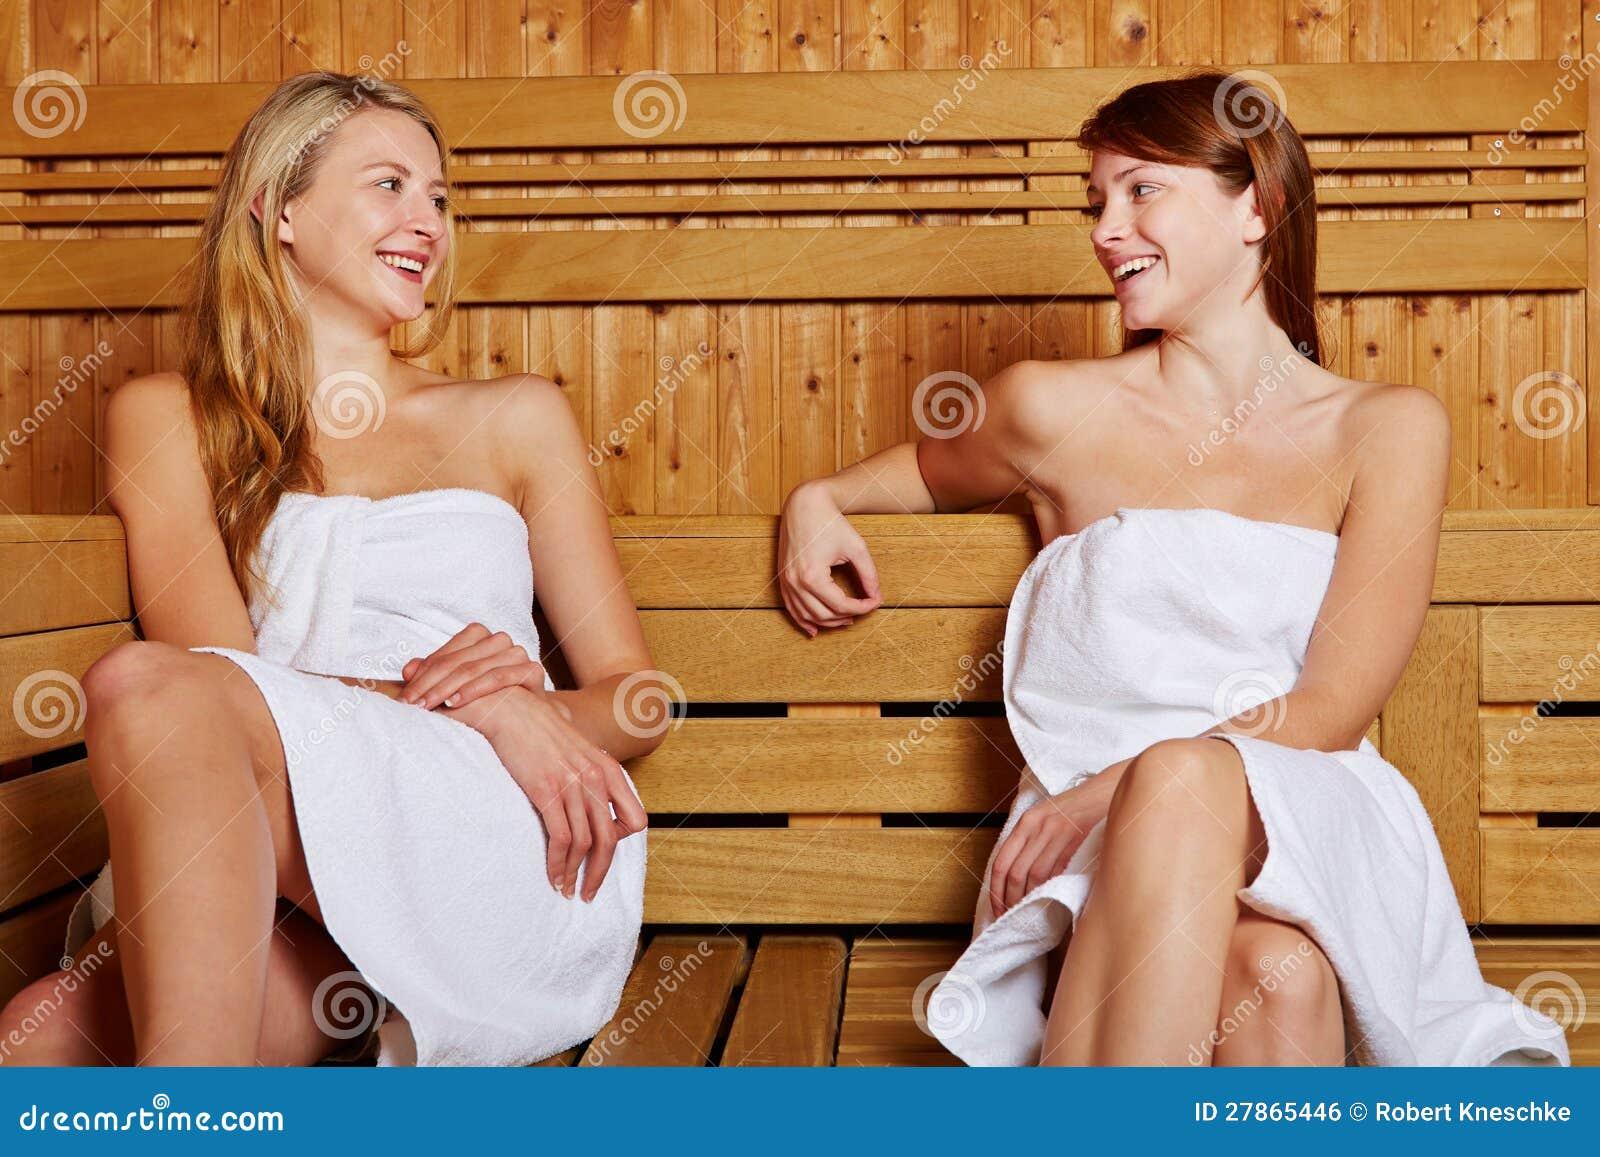 Секс зрелых в сауне фото, В сауне со зрелыми шлюхами - 16 фото домашнее 34 фотография